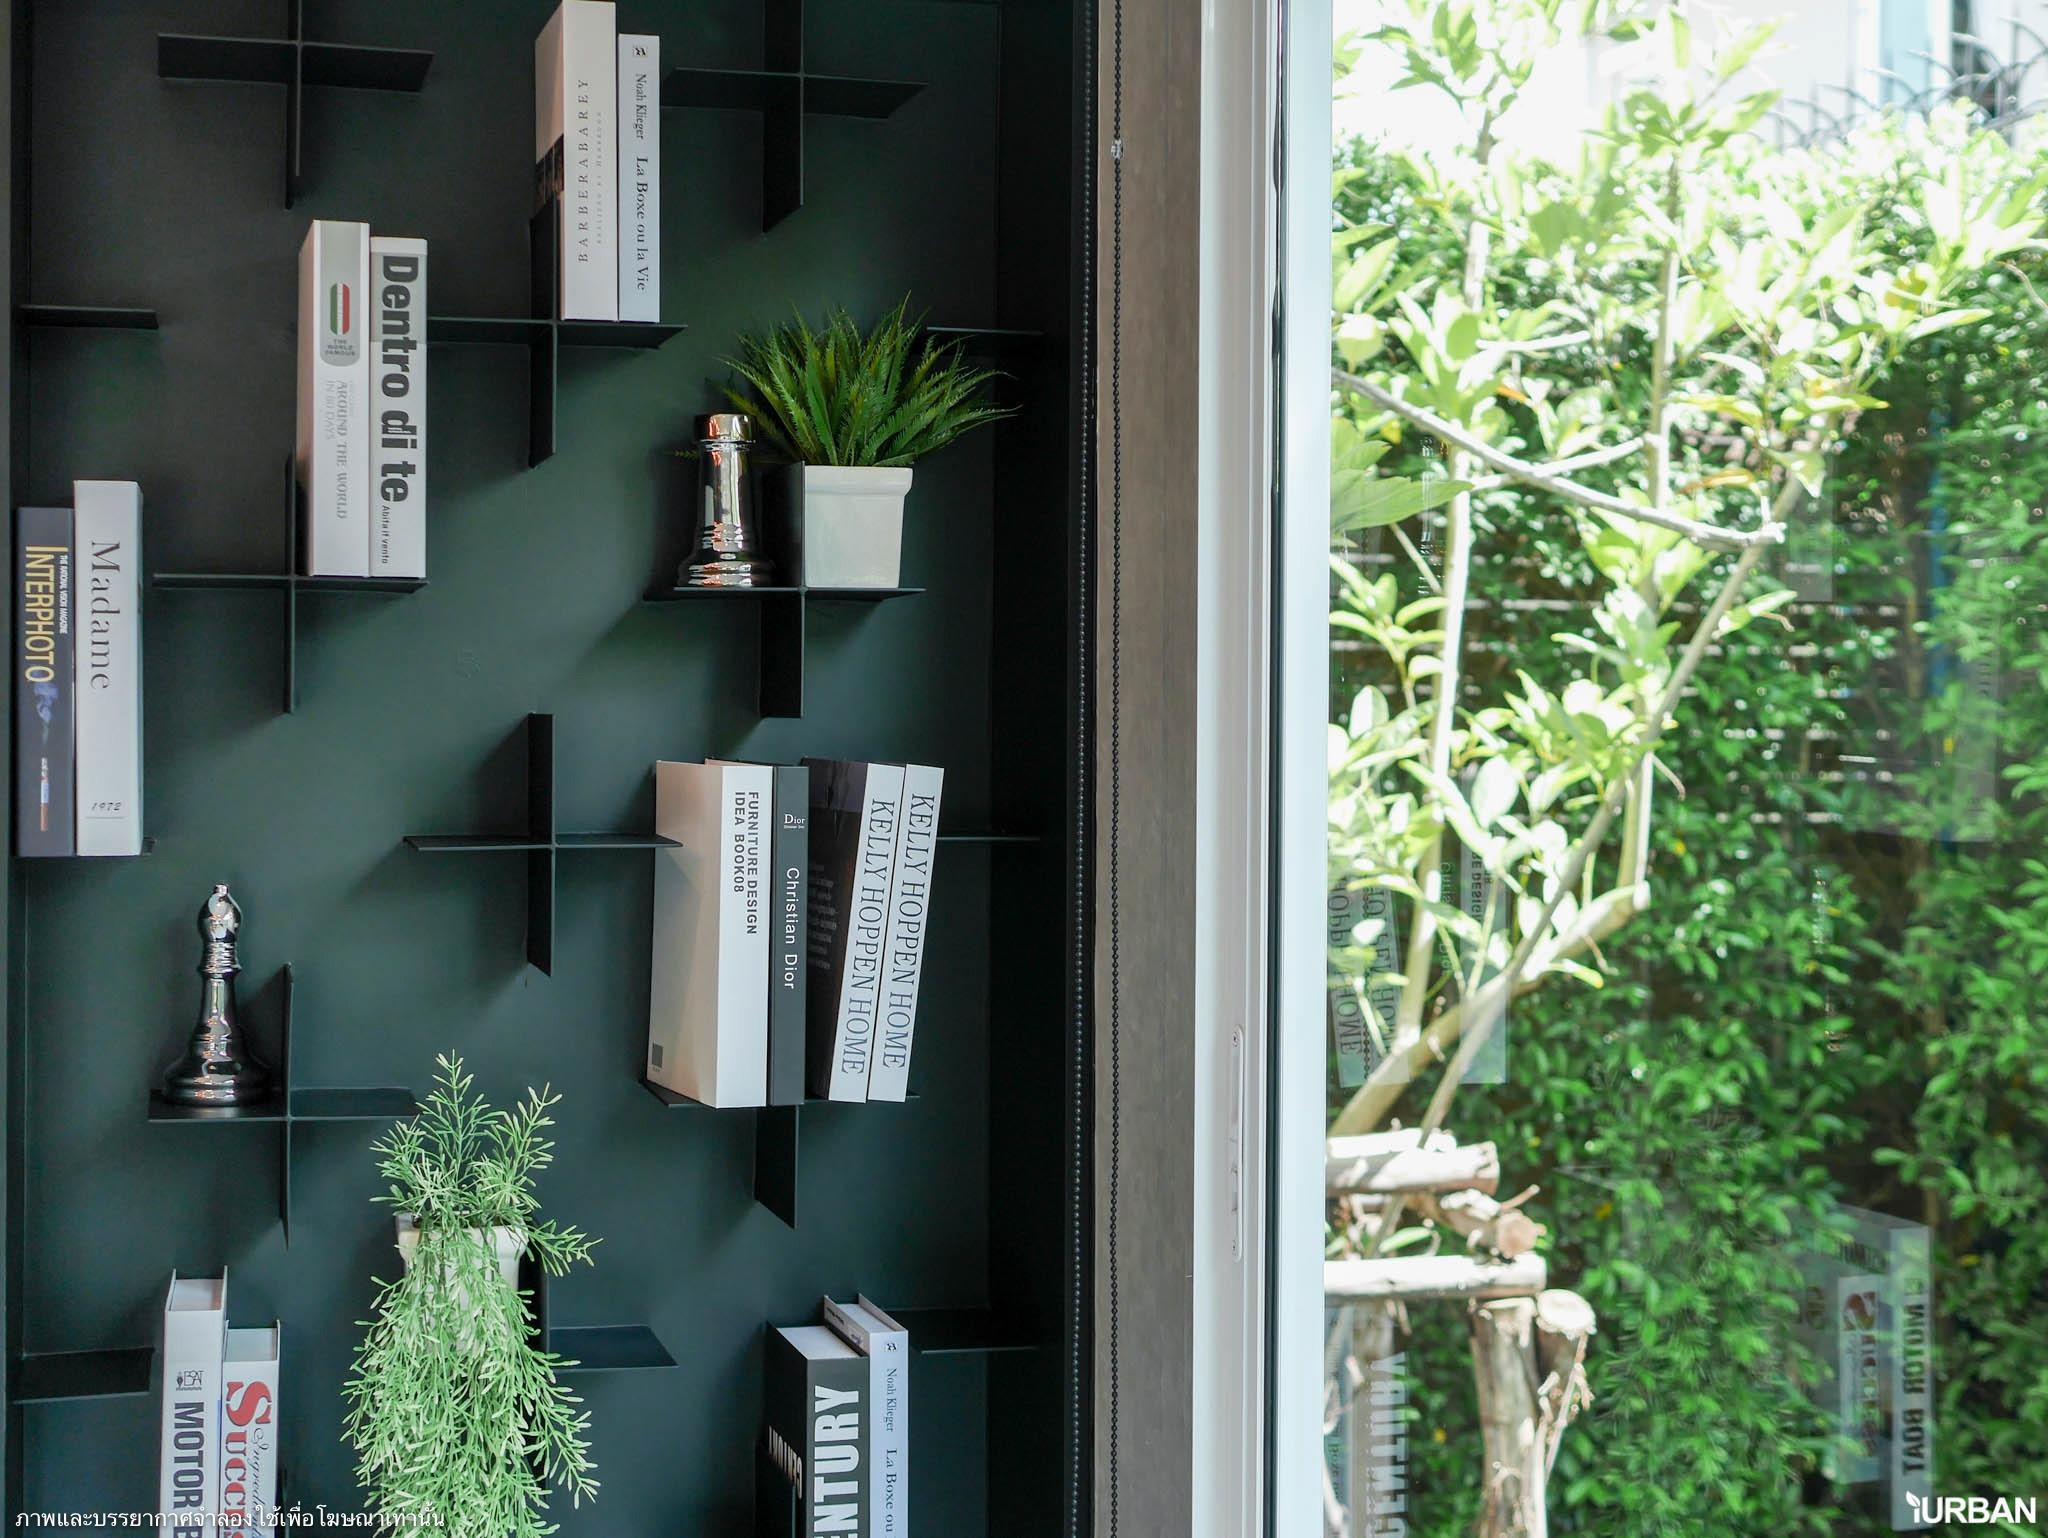 The Plant เทพารักษ์-บางนา ชมบ้านตัวอย่างและรีวิวโครงการ บ้านเดี่ยวดีไซน์สวย ทำเลดีใกล้ห้างและตลาด เริ่ม 3.8 ล้าน 65 - Megabangna (เมกาบางนา)